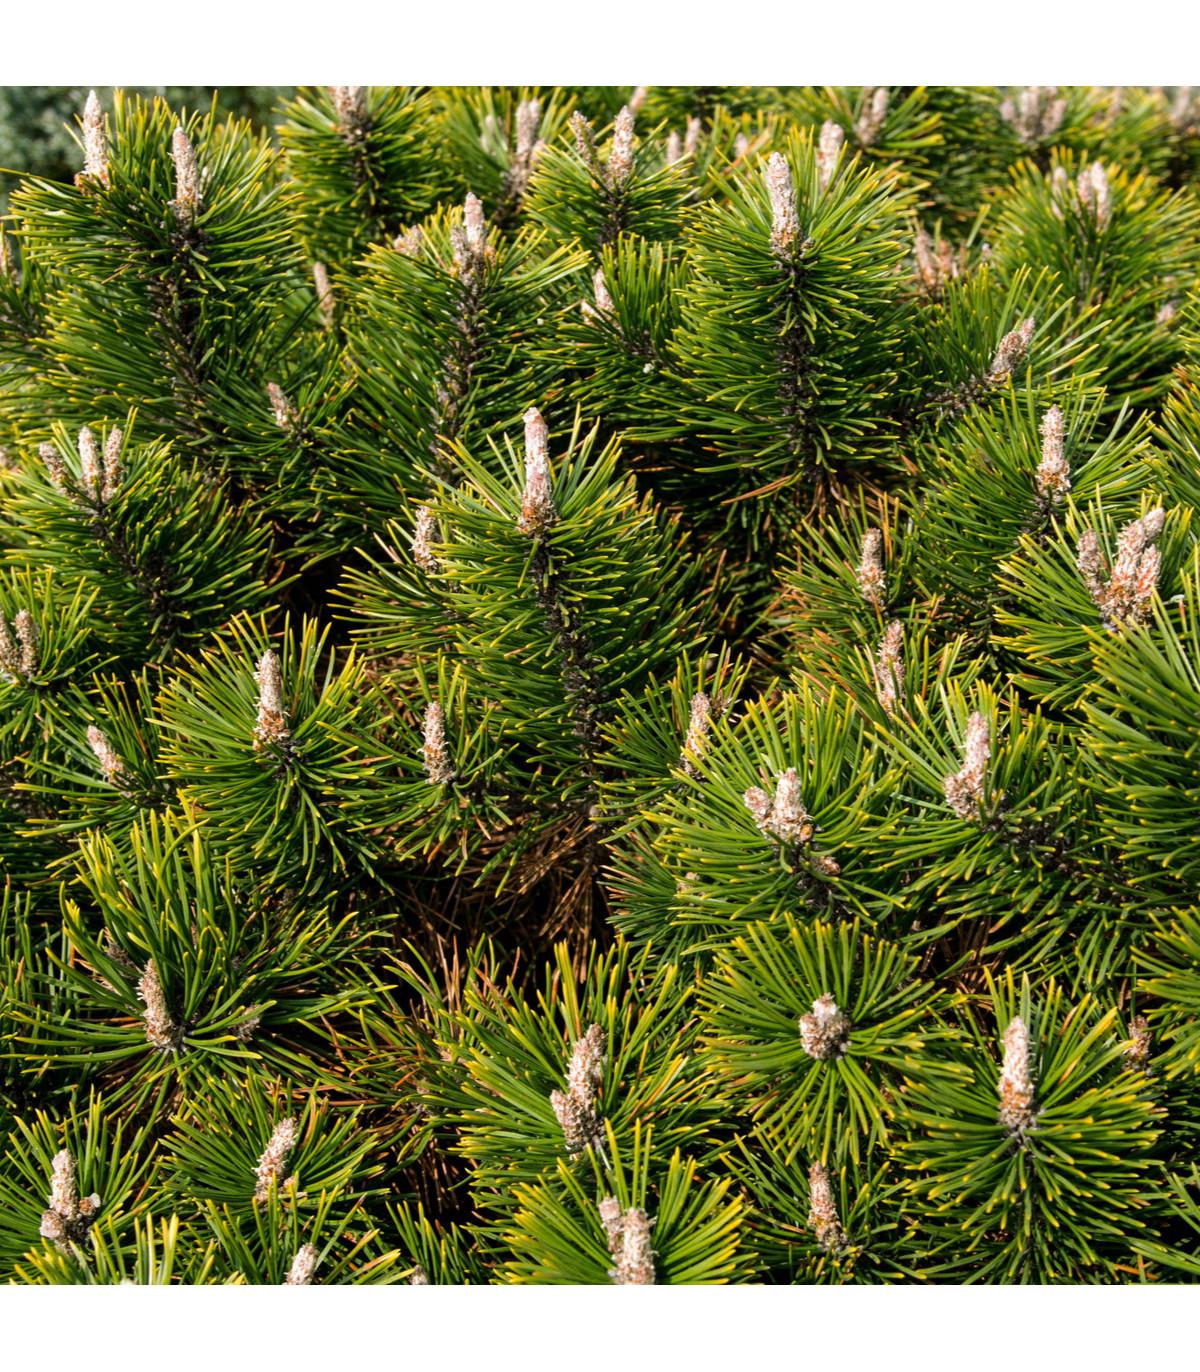 Borovice pokroucená - tvarování bonsají - Pinus contorta - semena borovice - 7 ks